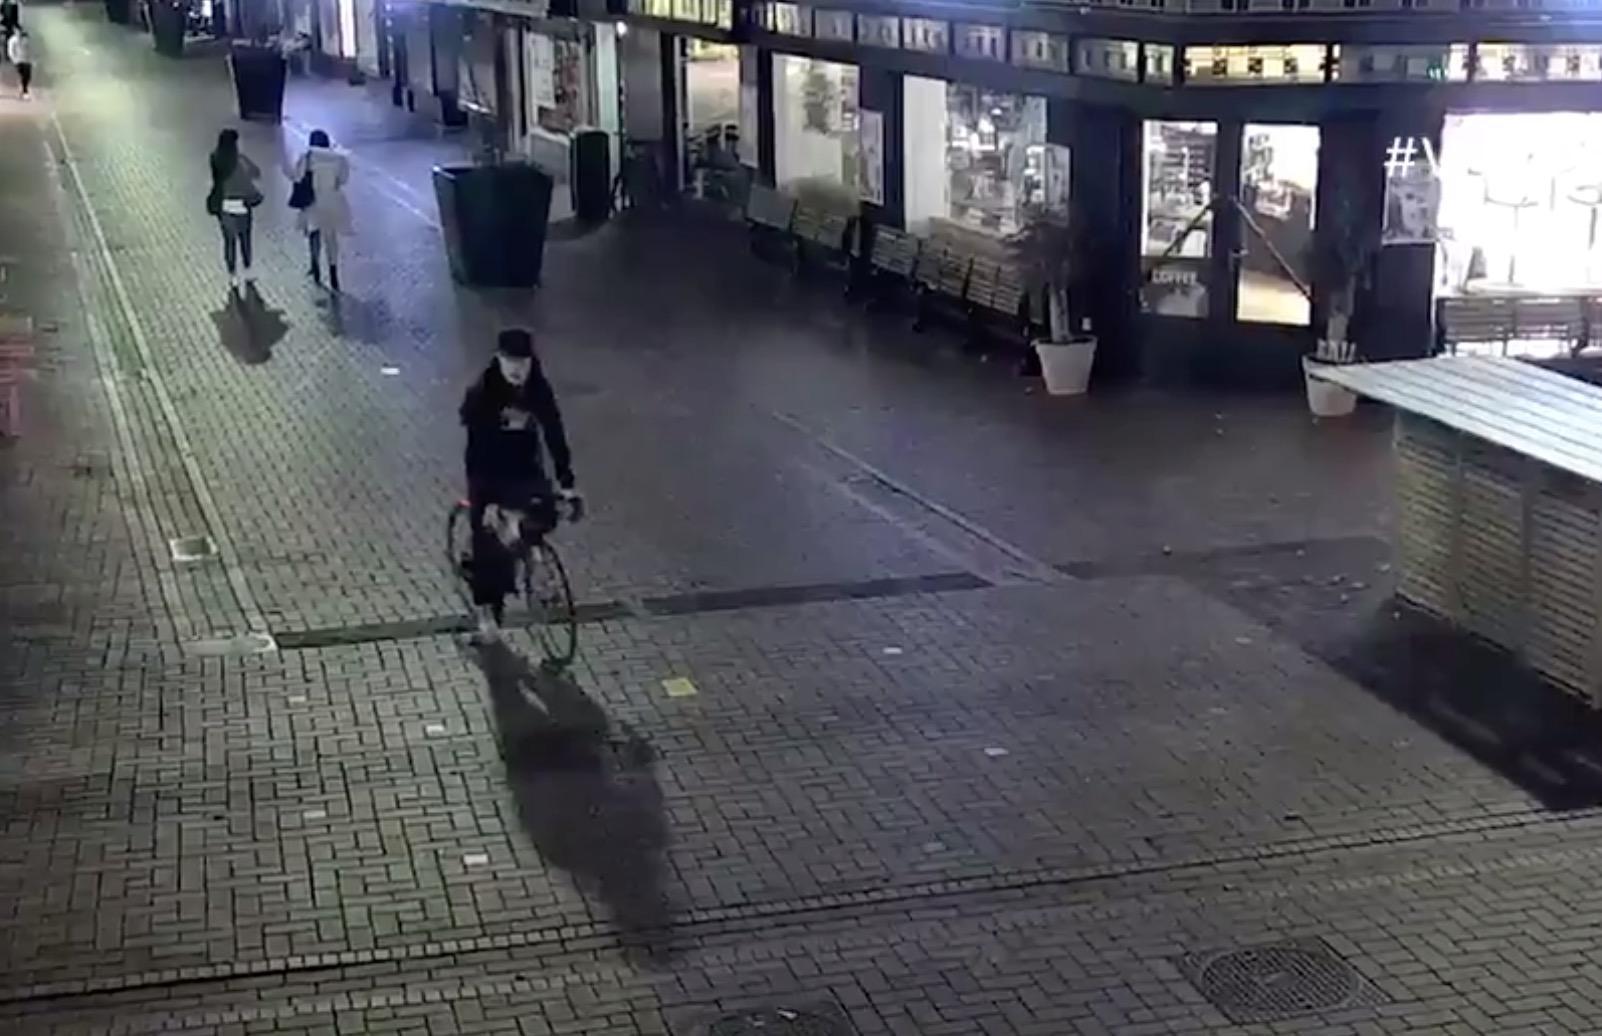 Politie nog altijd op zoek naar hamergooier die agente verwondde in Hilversum. Wie herkent deze man? [video]